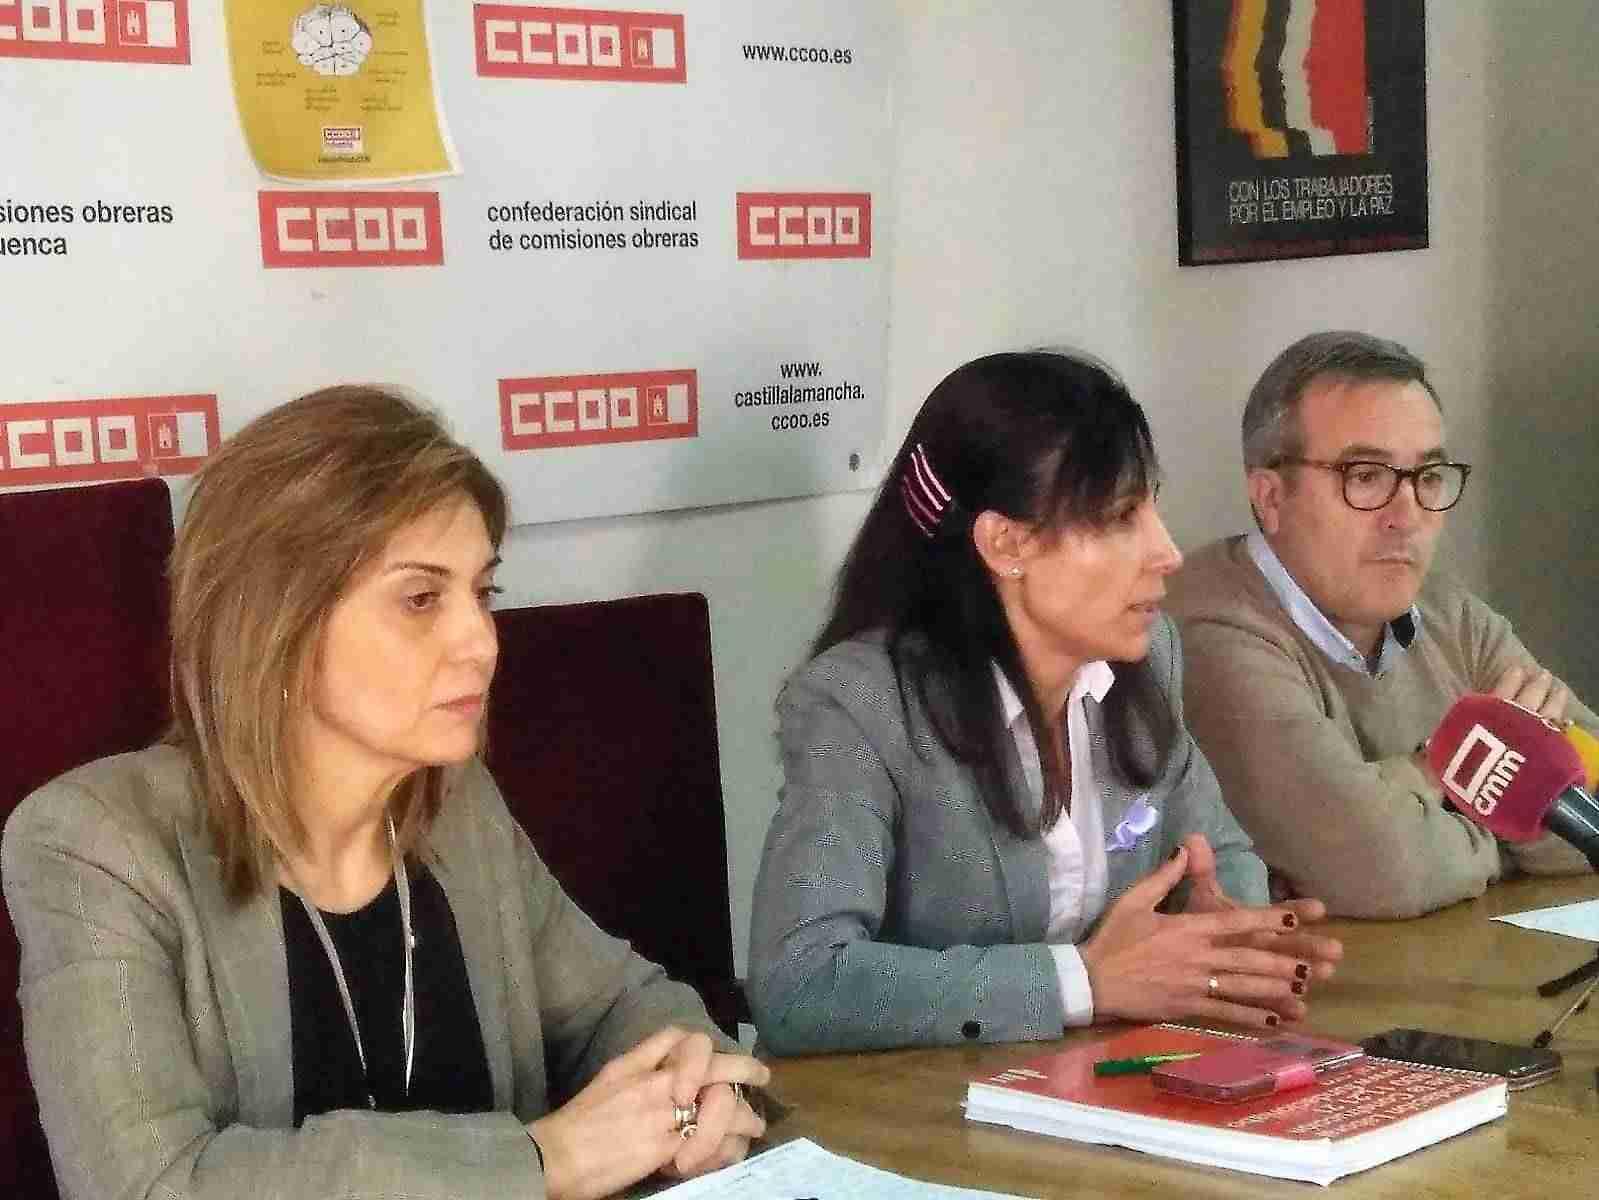 """CCOO denuncia """"el fraude, los abusos y la precariedad laboral generalizados en el sector del ajo en CLM"""" 5"""